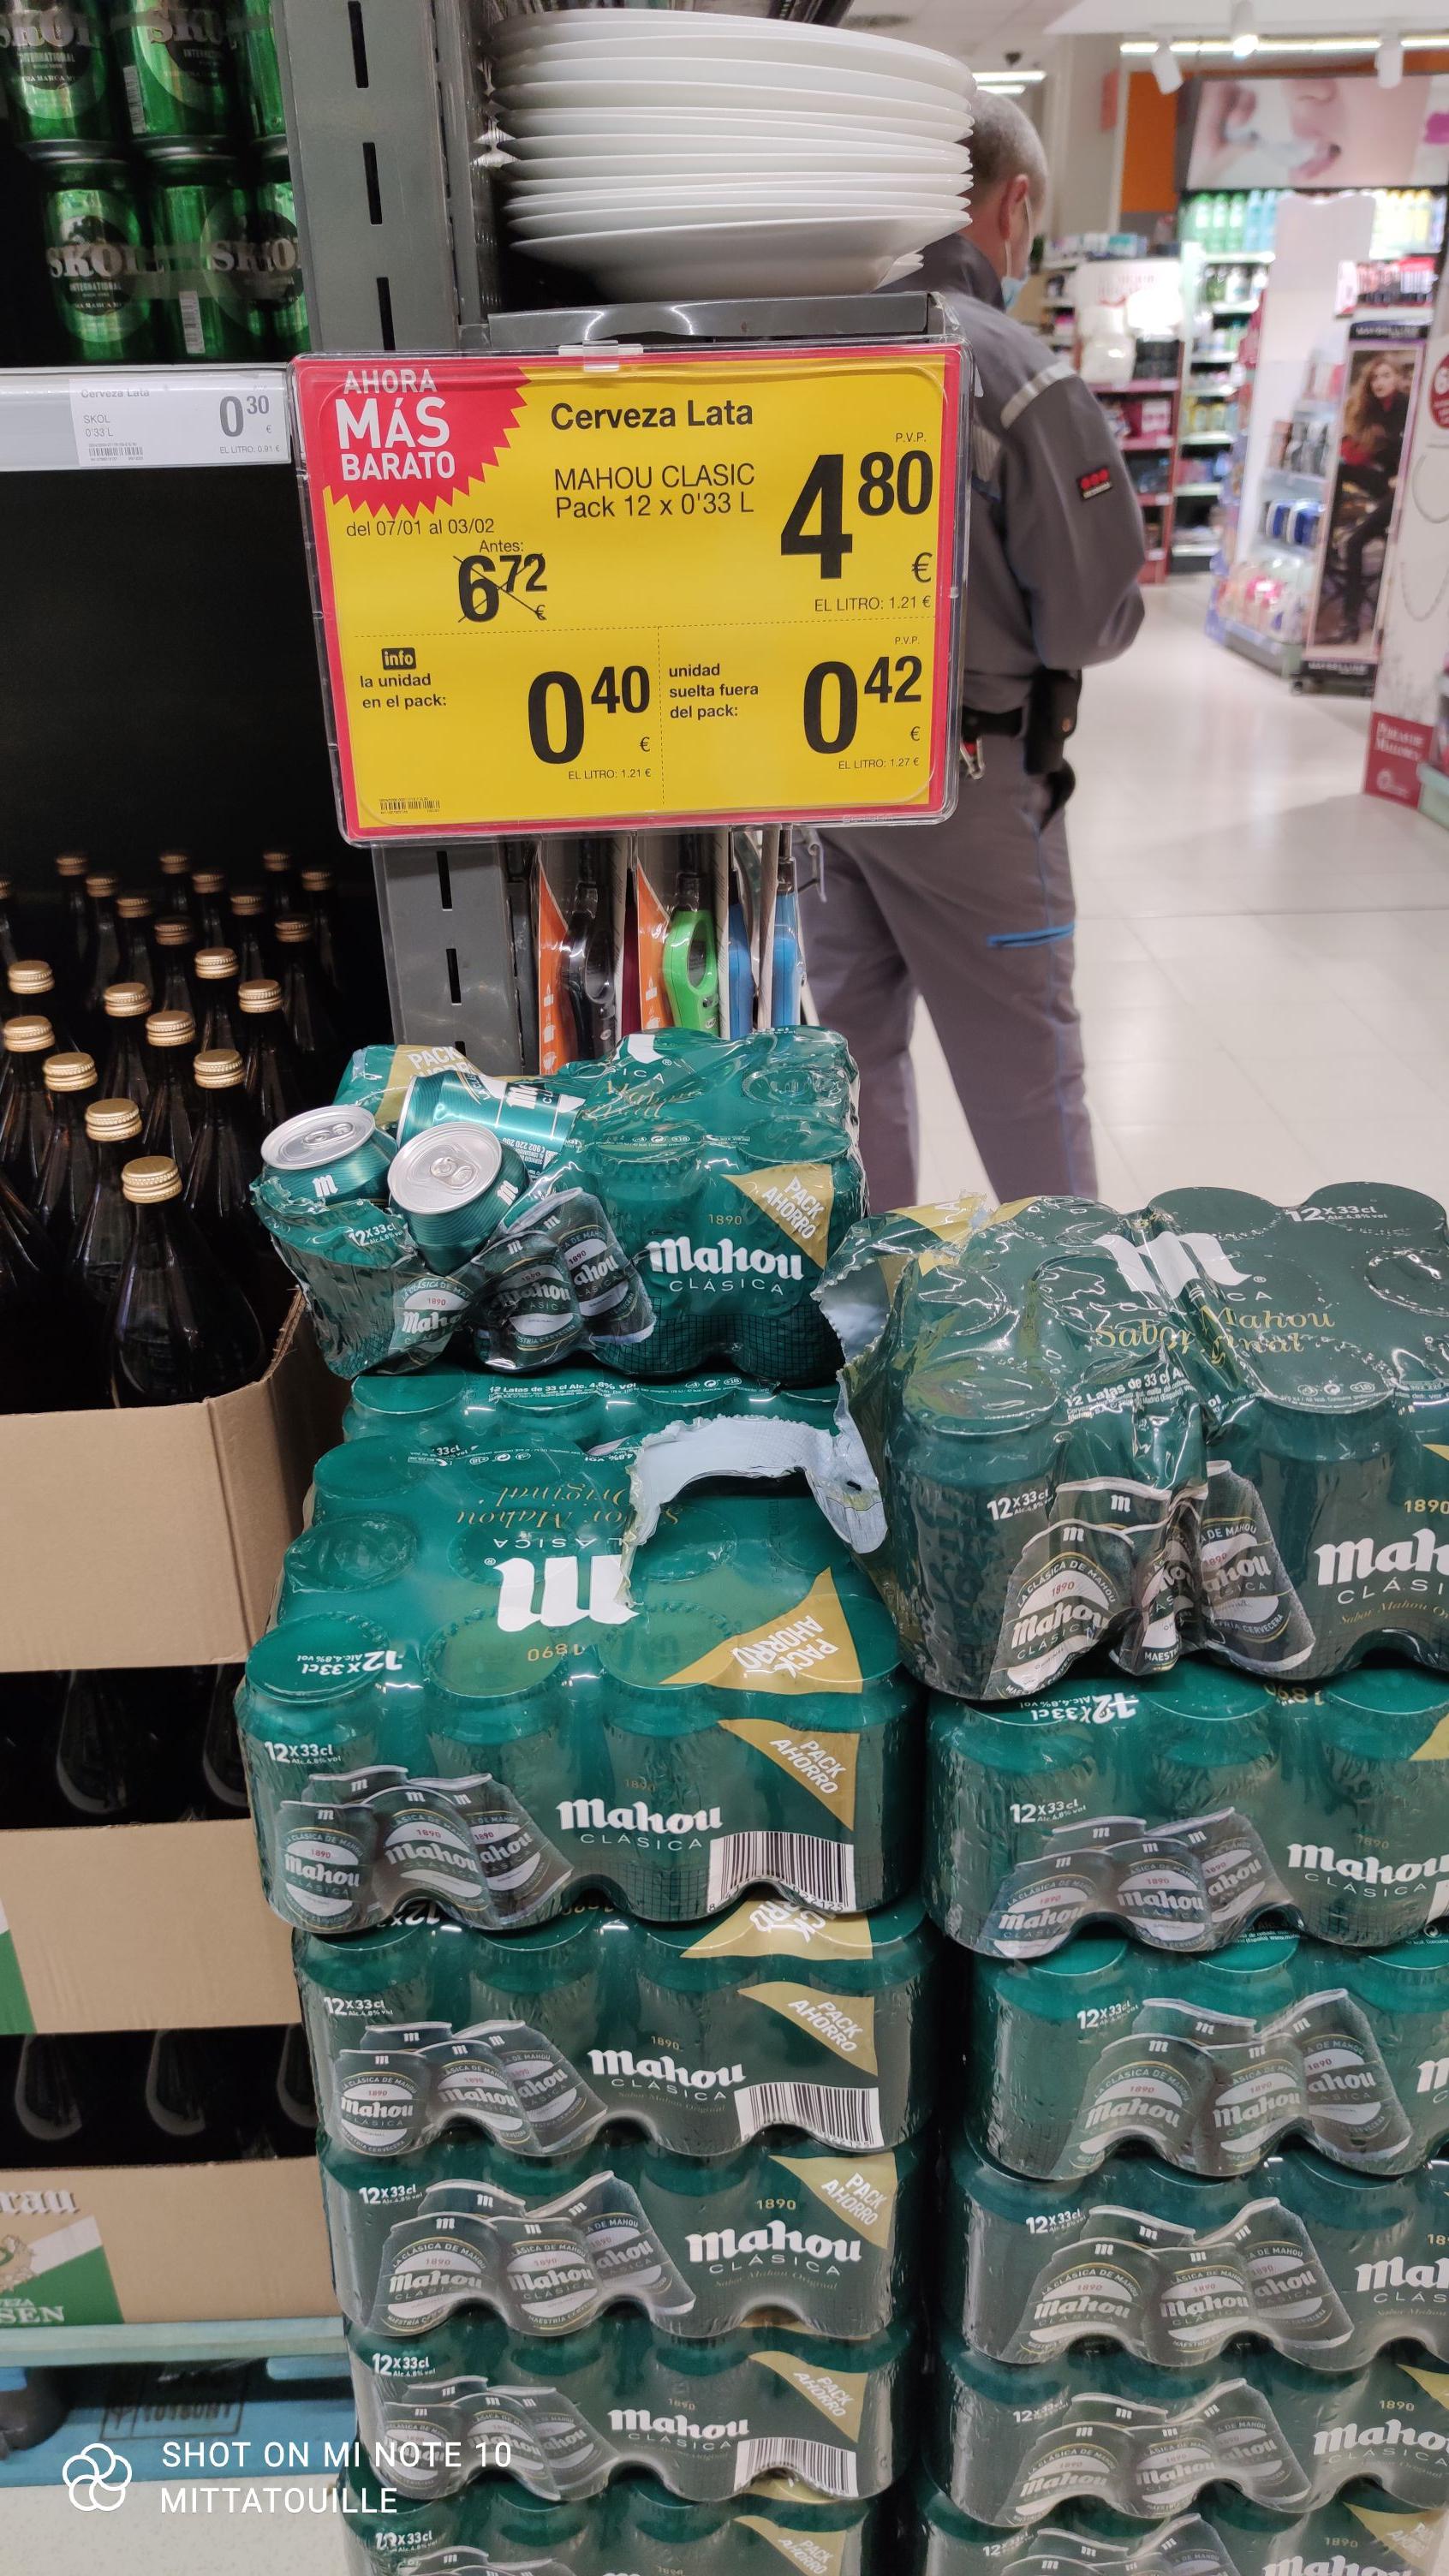 Mahou Clásica lata 33cl en supermercados CONSUM. Actualizado a 10-2-2021